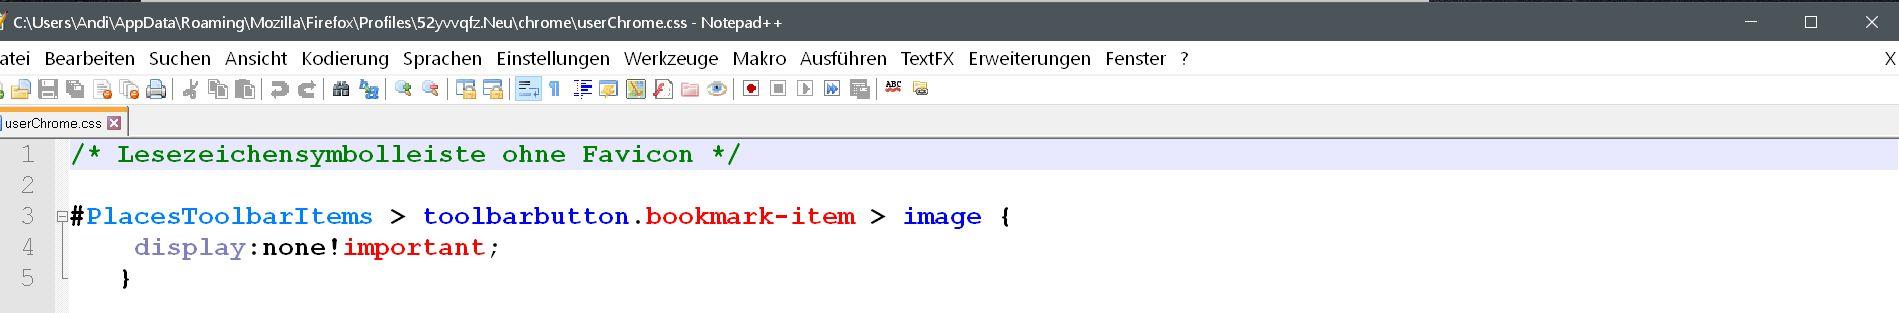 code ohne favicon  - Firefox Lesezeichensymbolleiste ohne Text anzeigen